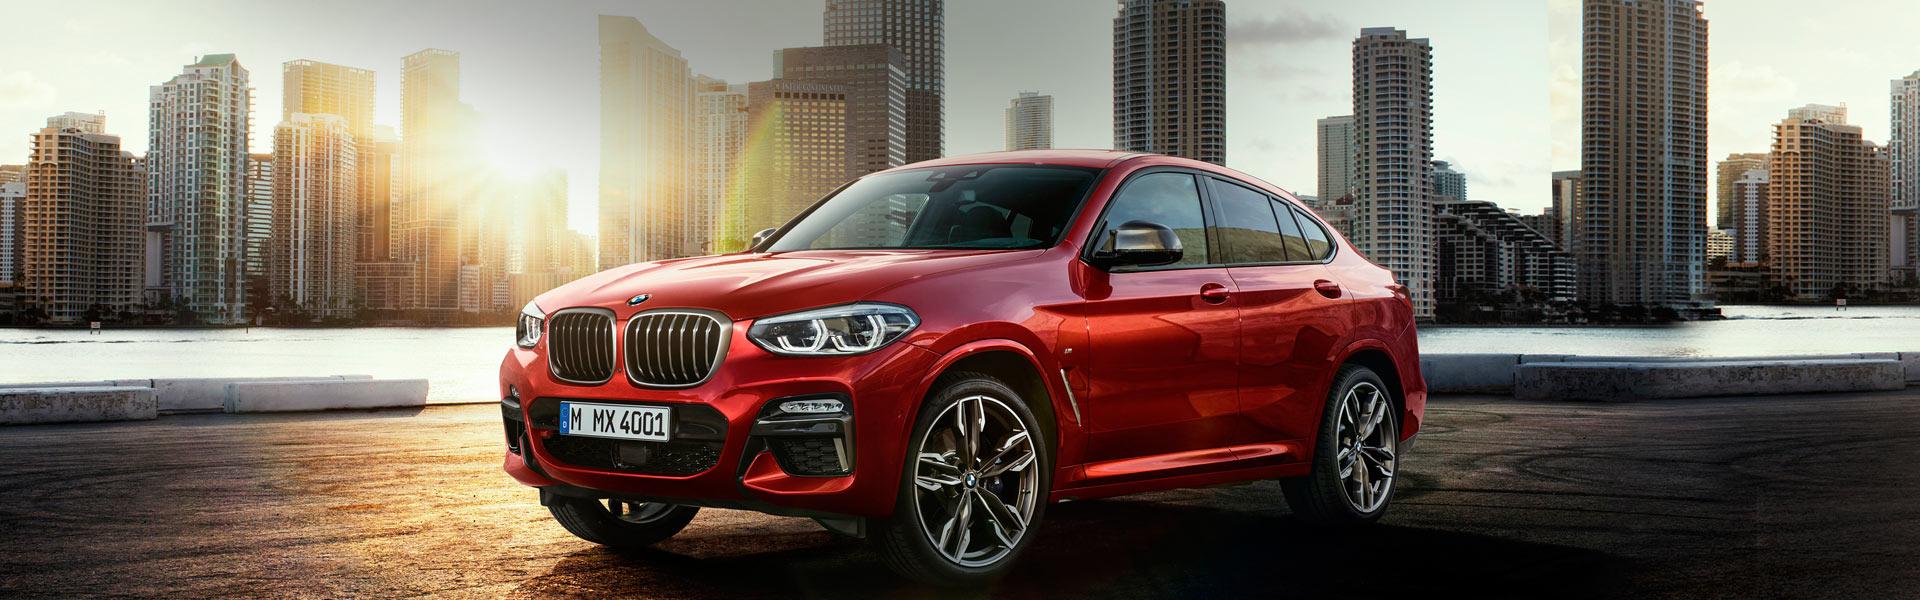 Датчики на BMW X4